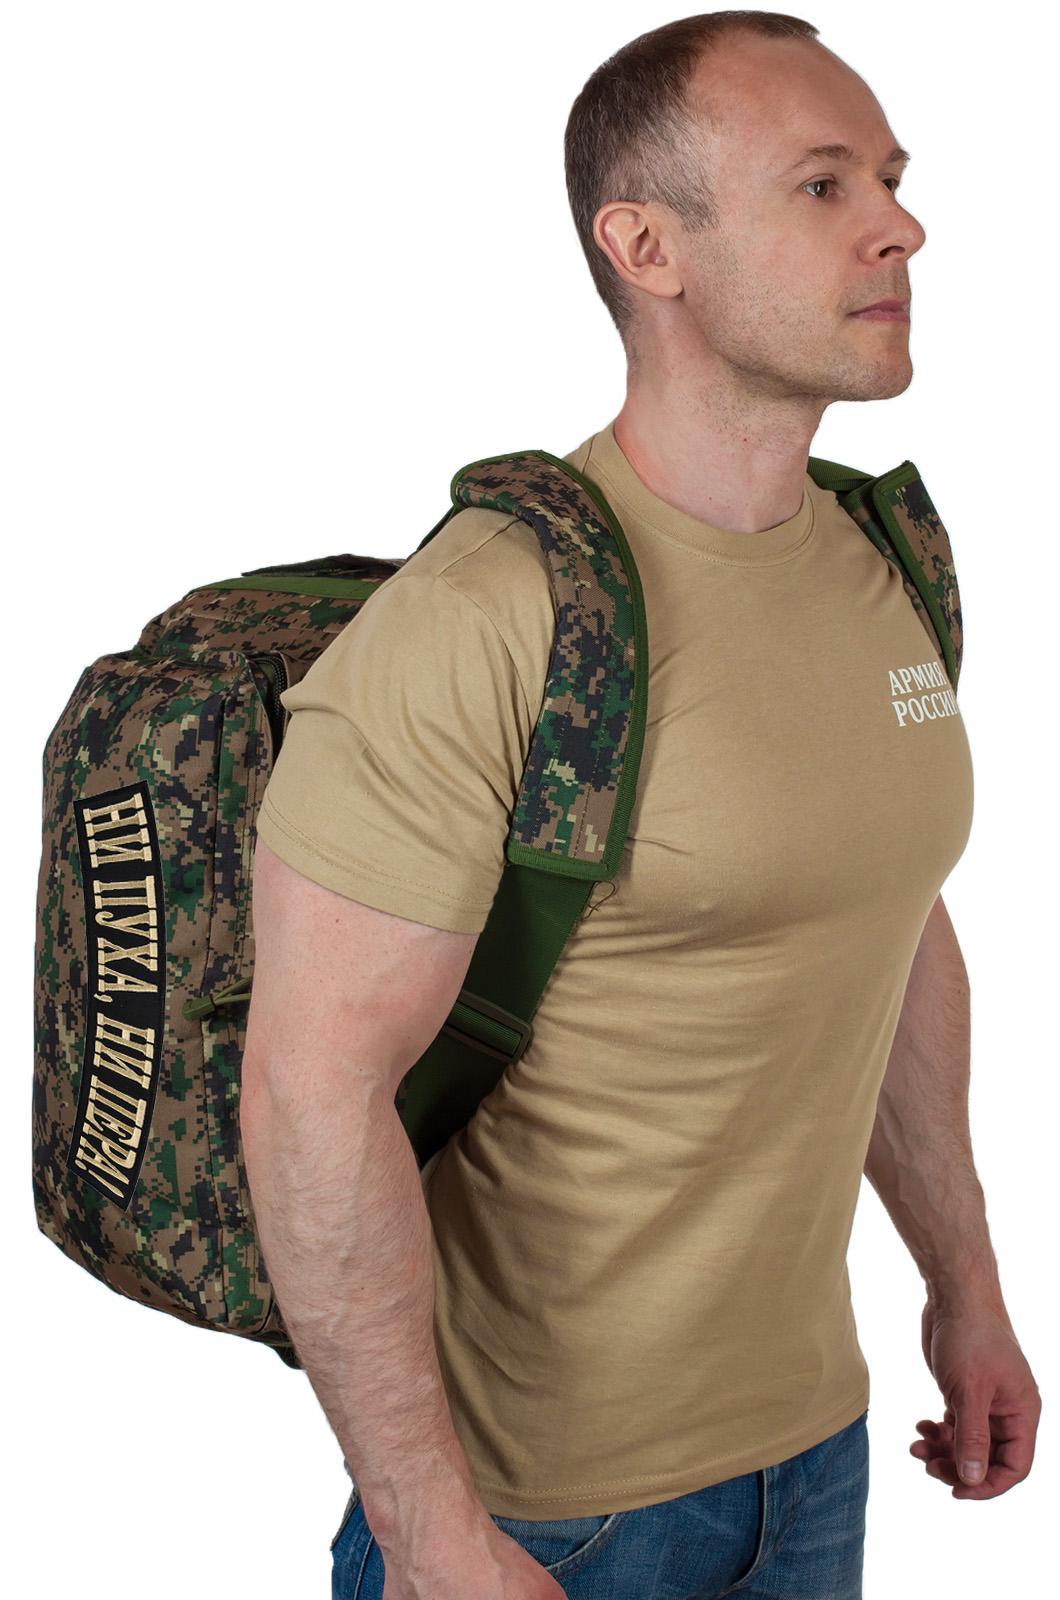 Камуфляжная дорожная сумка с нашивкой Ни пуха, Ни пера - купить онлайн